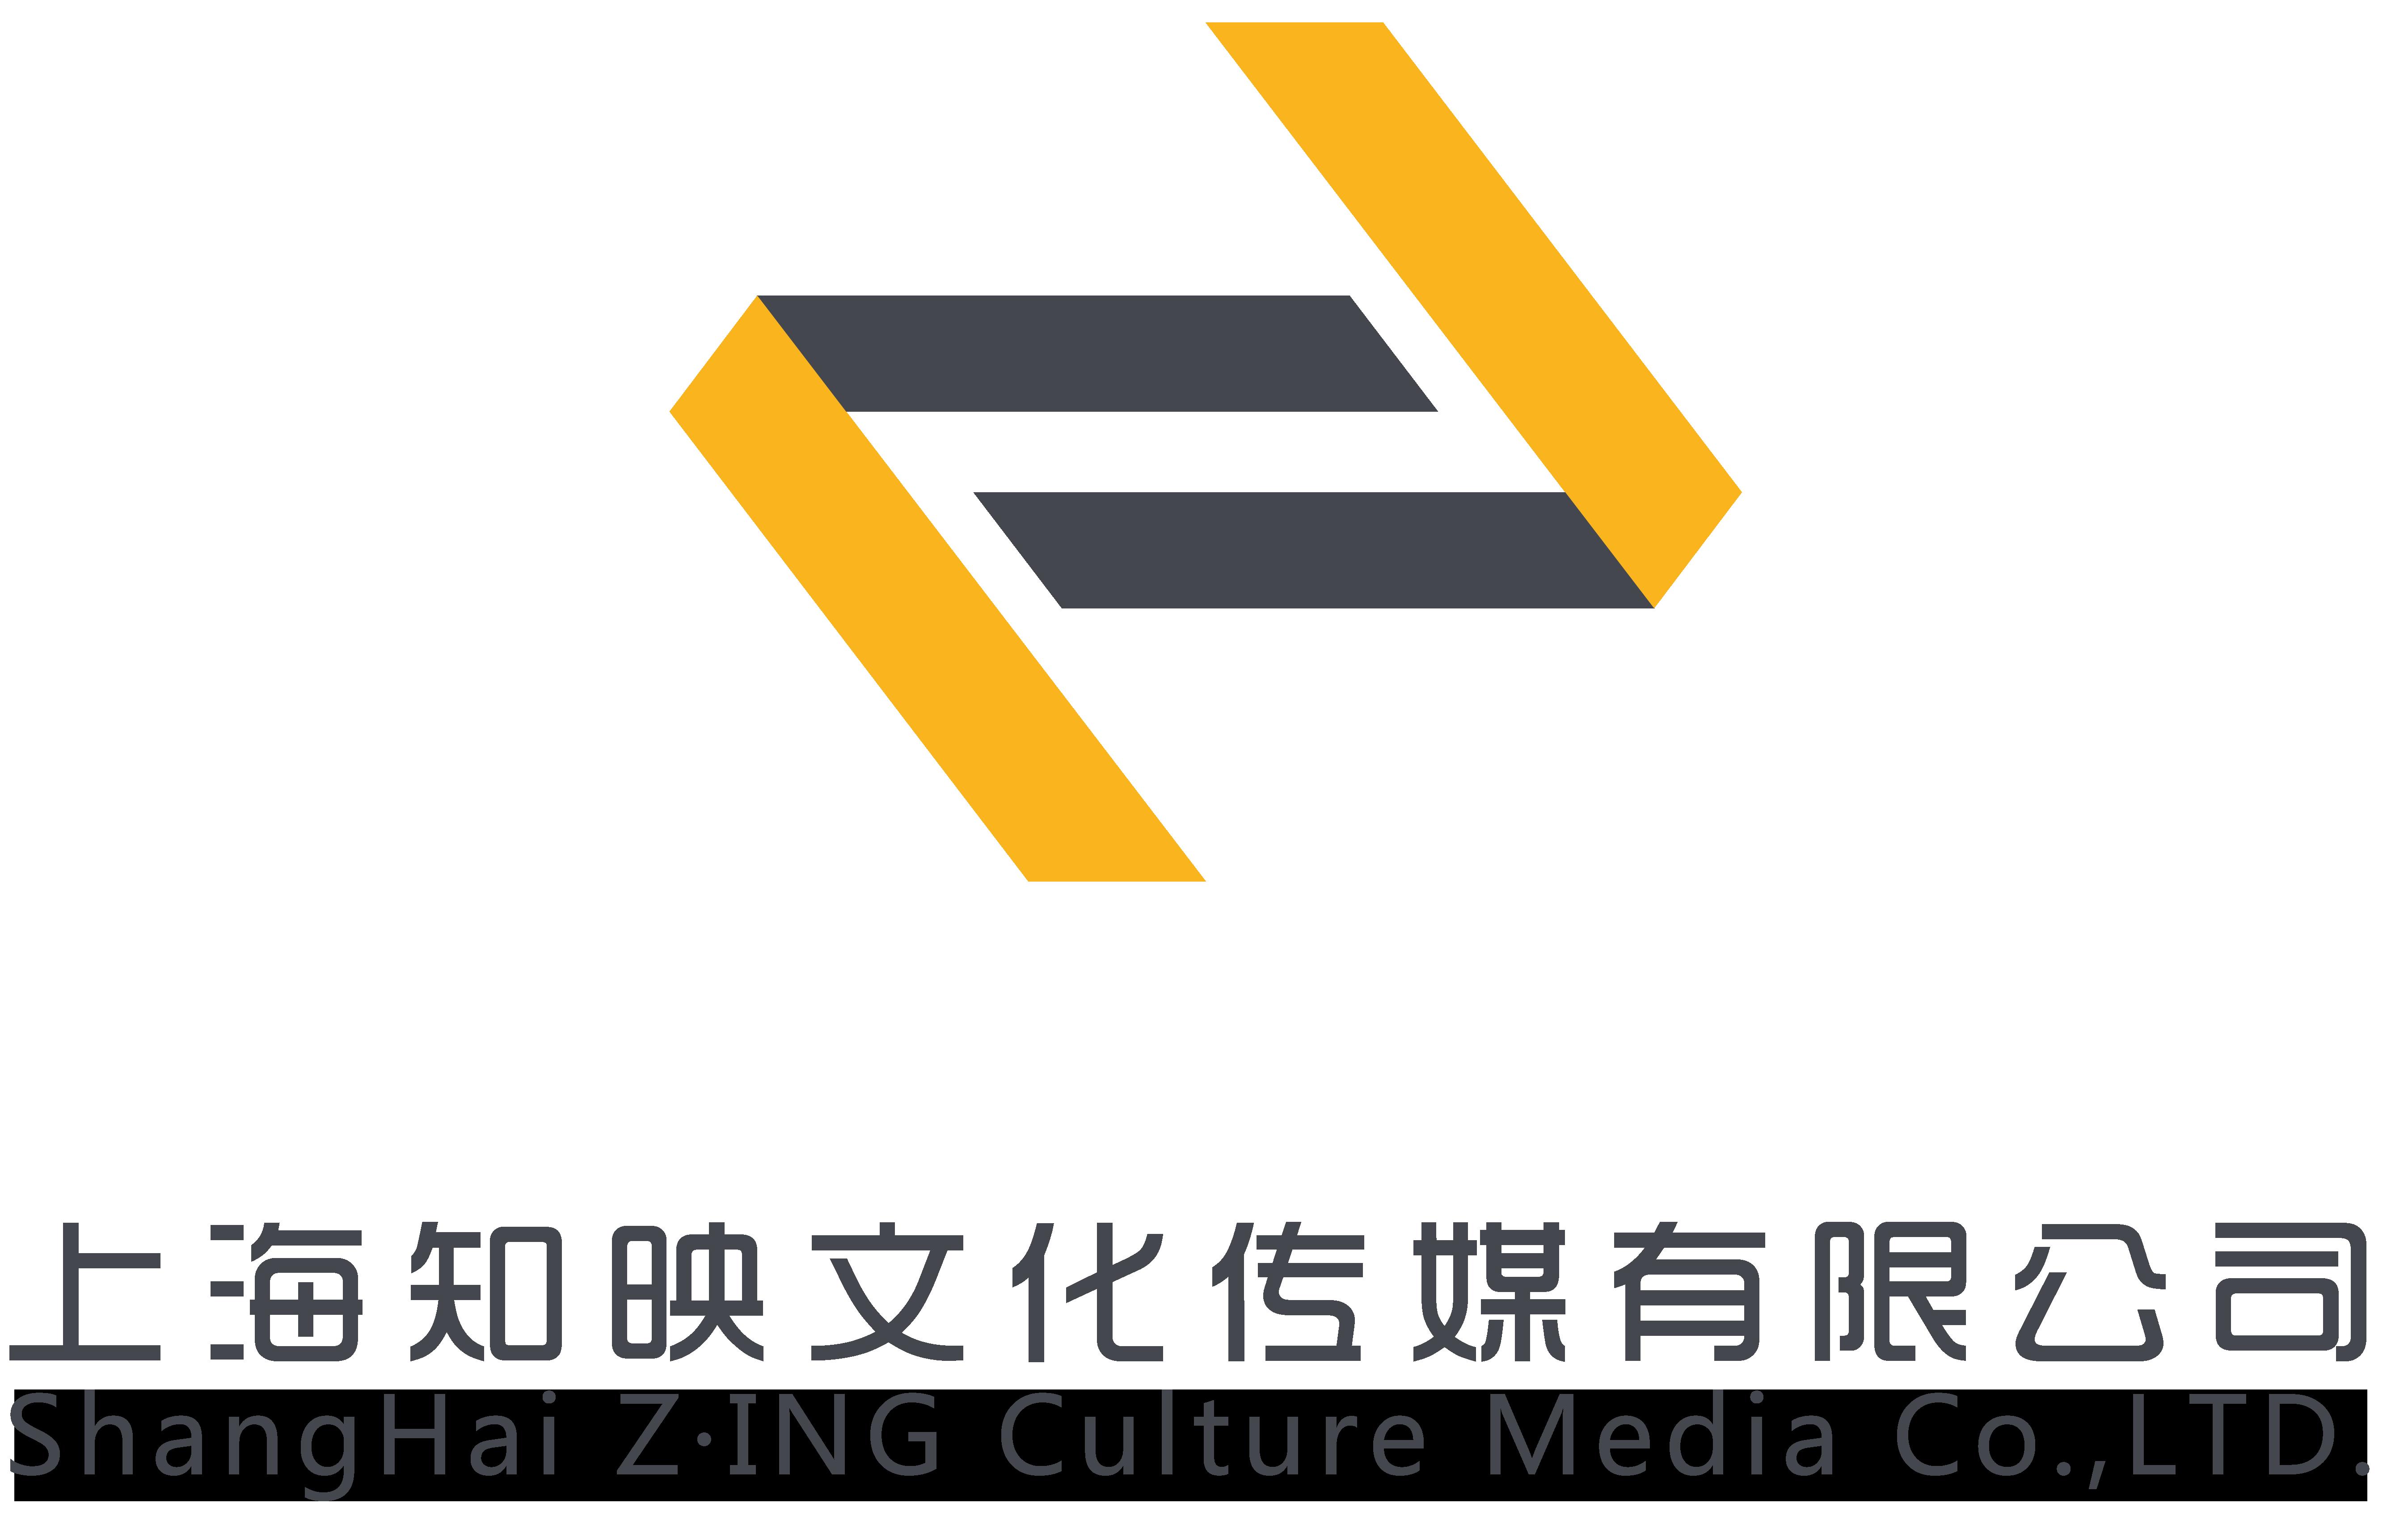 上海知映文化传媒有限公司